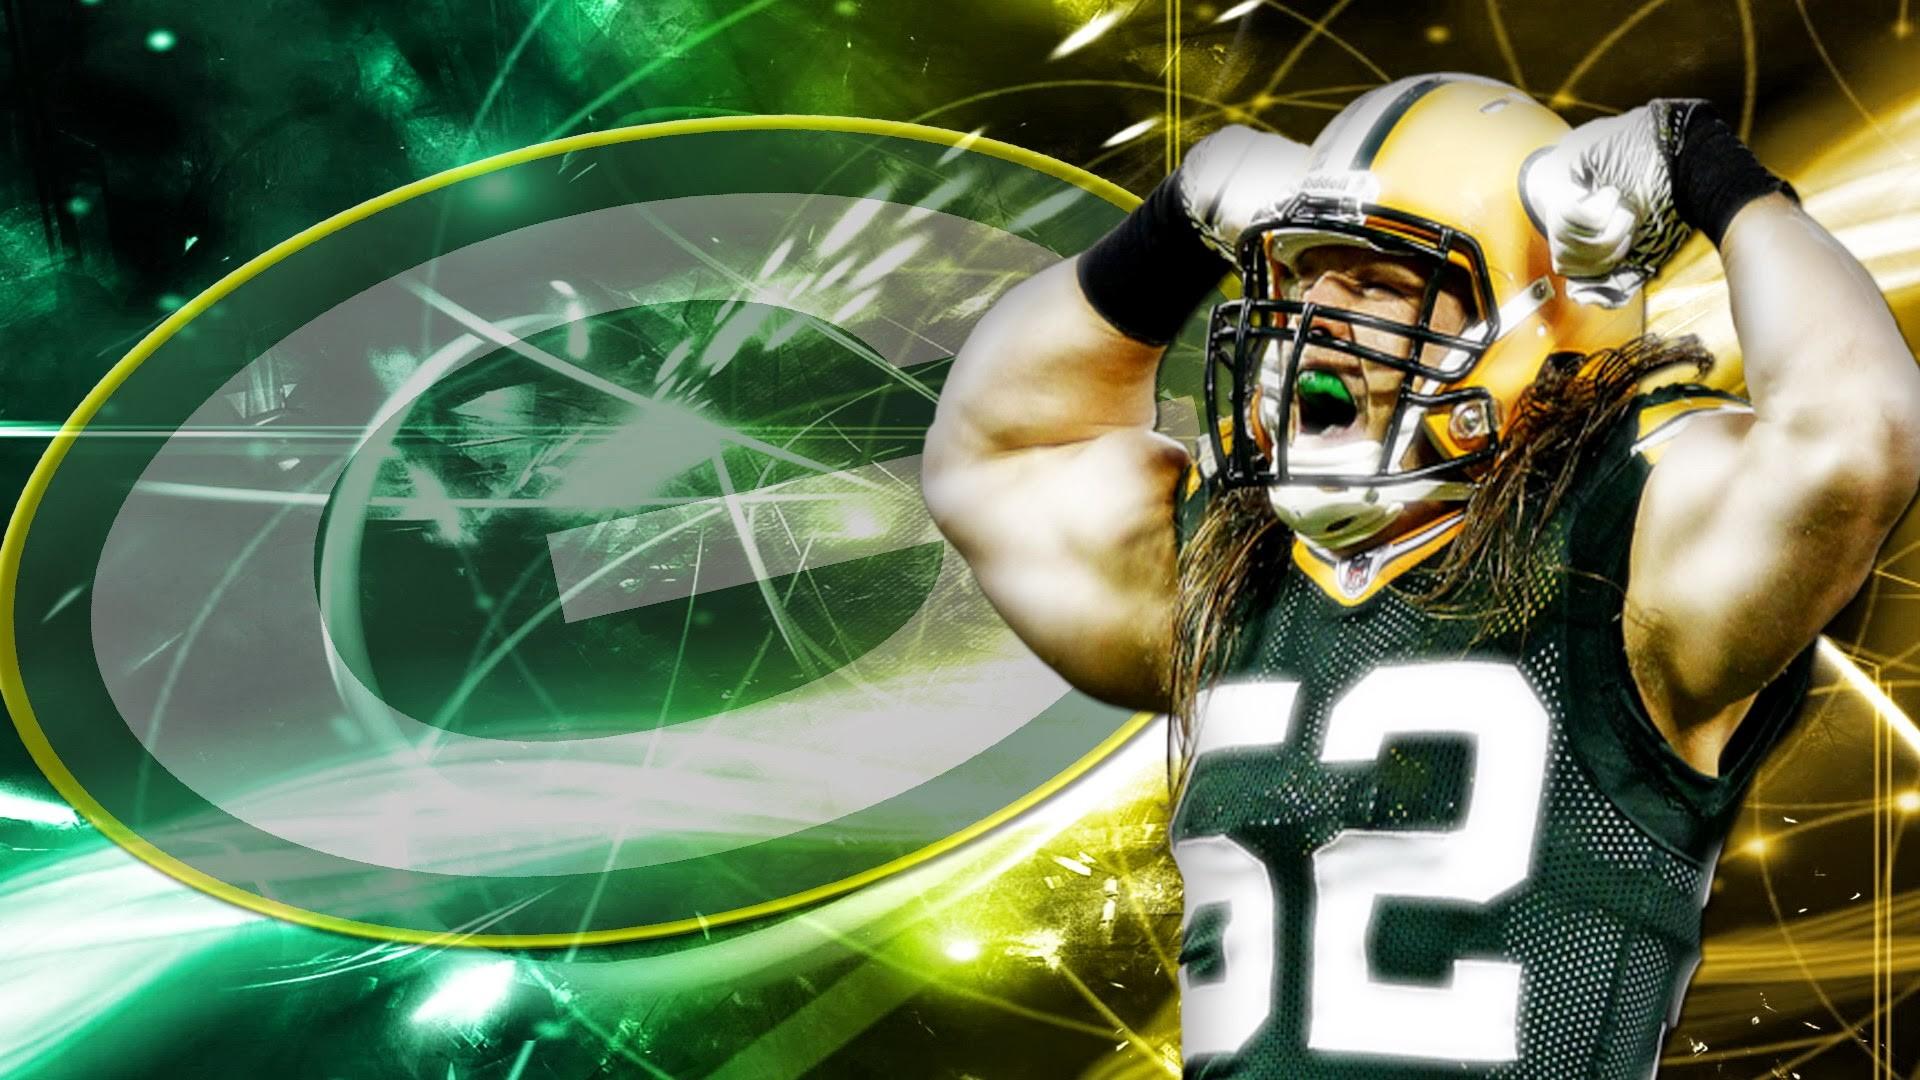 Green Bay Packers D Wallpaper HD Desktop Wallpaper | HD Wallpapers |  Pinterest | Packers, Hd desktop and Wallpaper